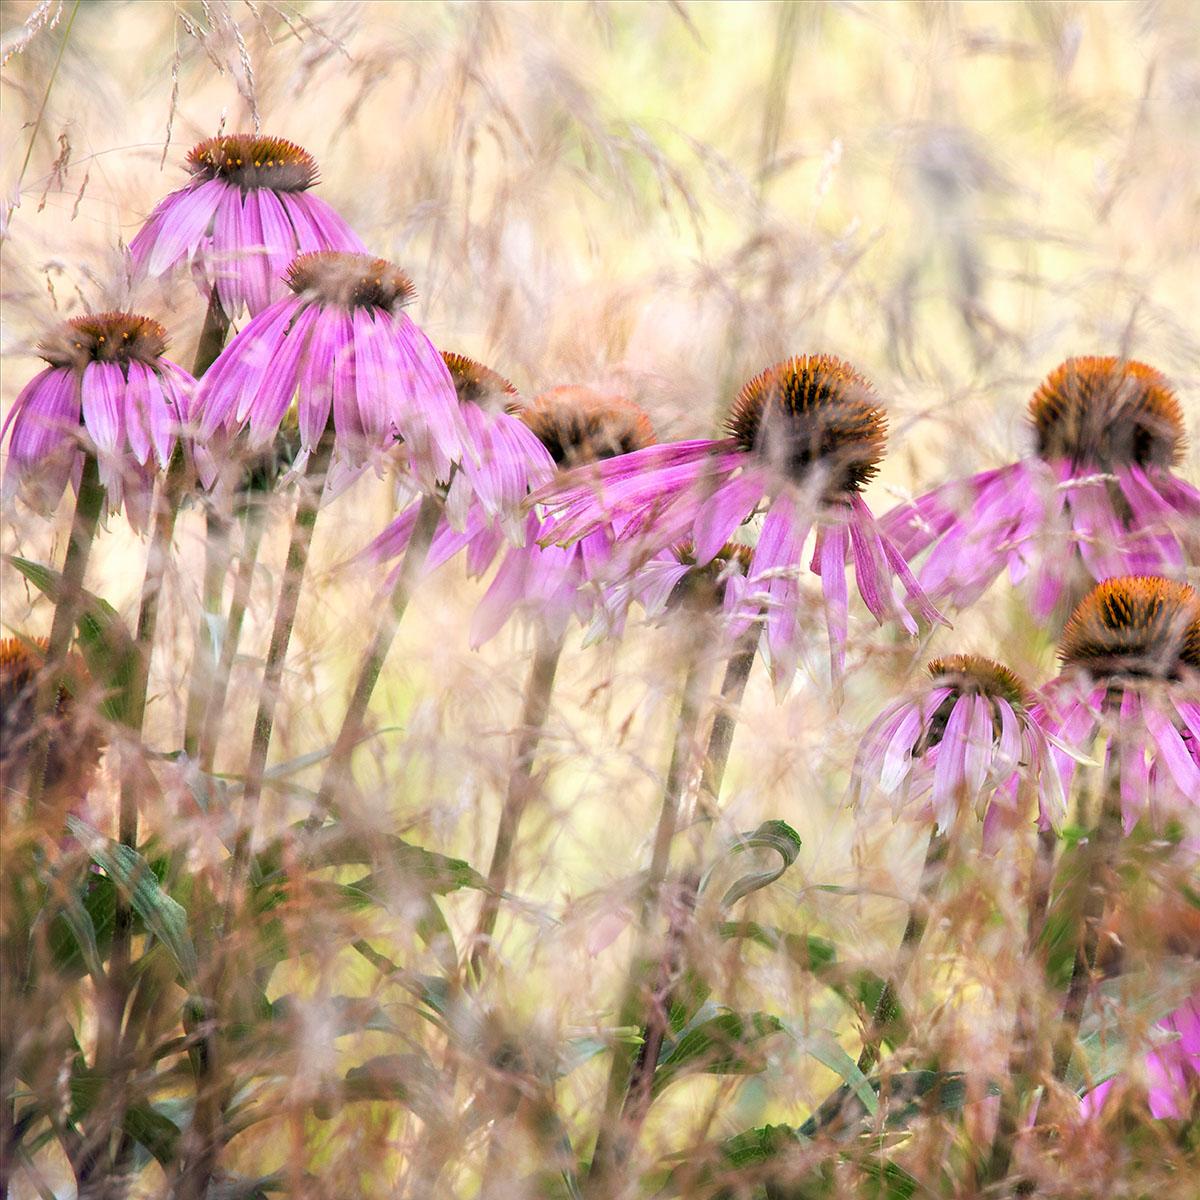 'Echinacea' Nigel Burkitt. Concurso Internacional de Fotografía de Jardín IGPTOTY N11